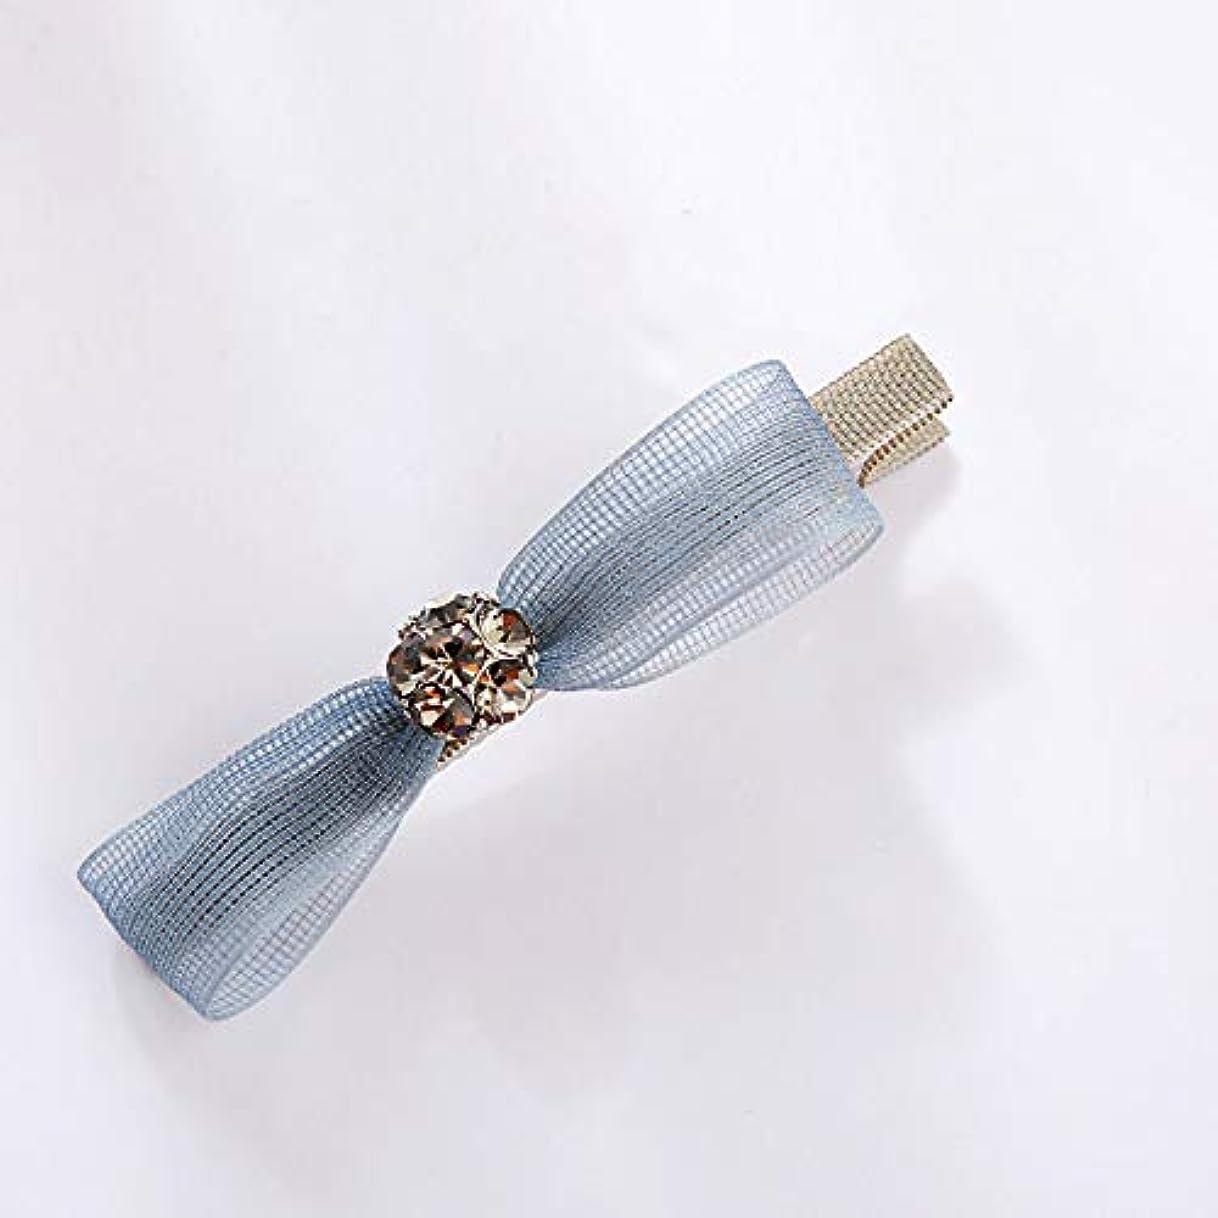 グラフィック典型的なスピリチュアルHuaQingPiJu-JP ファッションロゼットヘアピン便利なヘアクリップ女性の結婚式のアクセサリー(青)